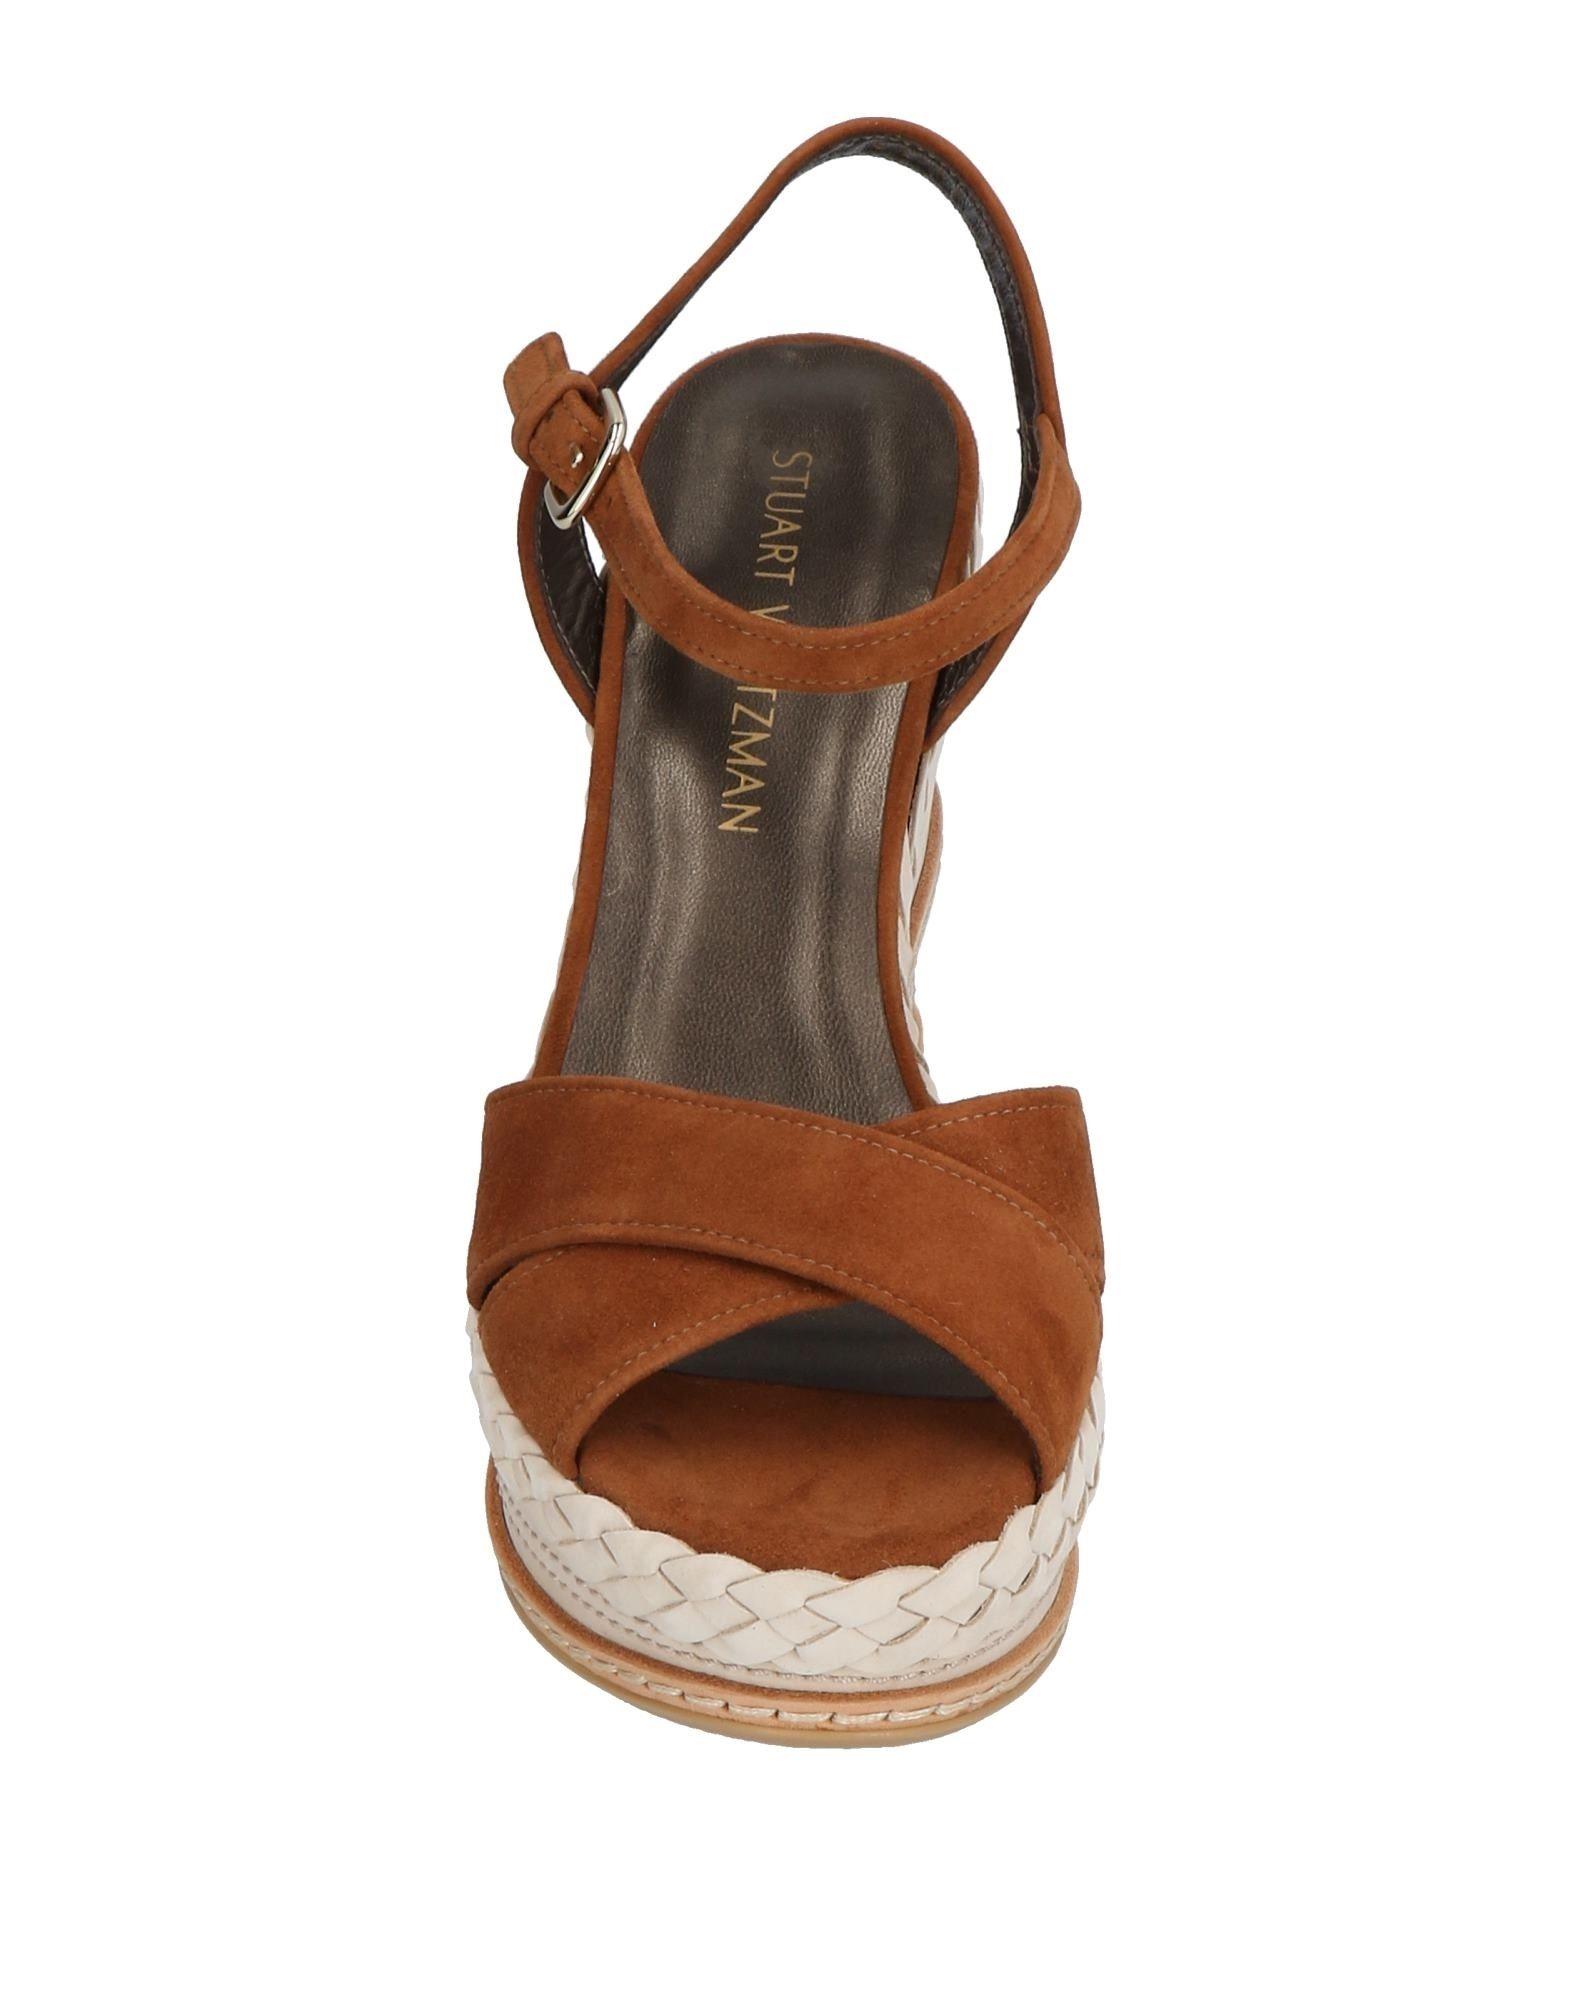 Rabatt Schuhe Stuart Weitzman Sandalen 11472181WC Damen  11472181WC Sandalen 715098